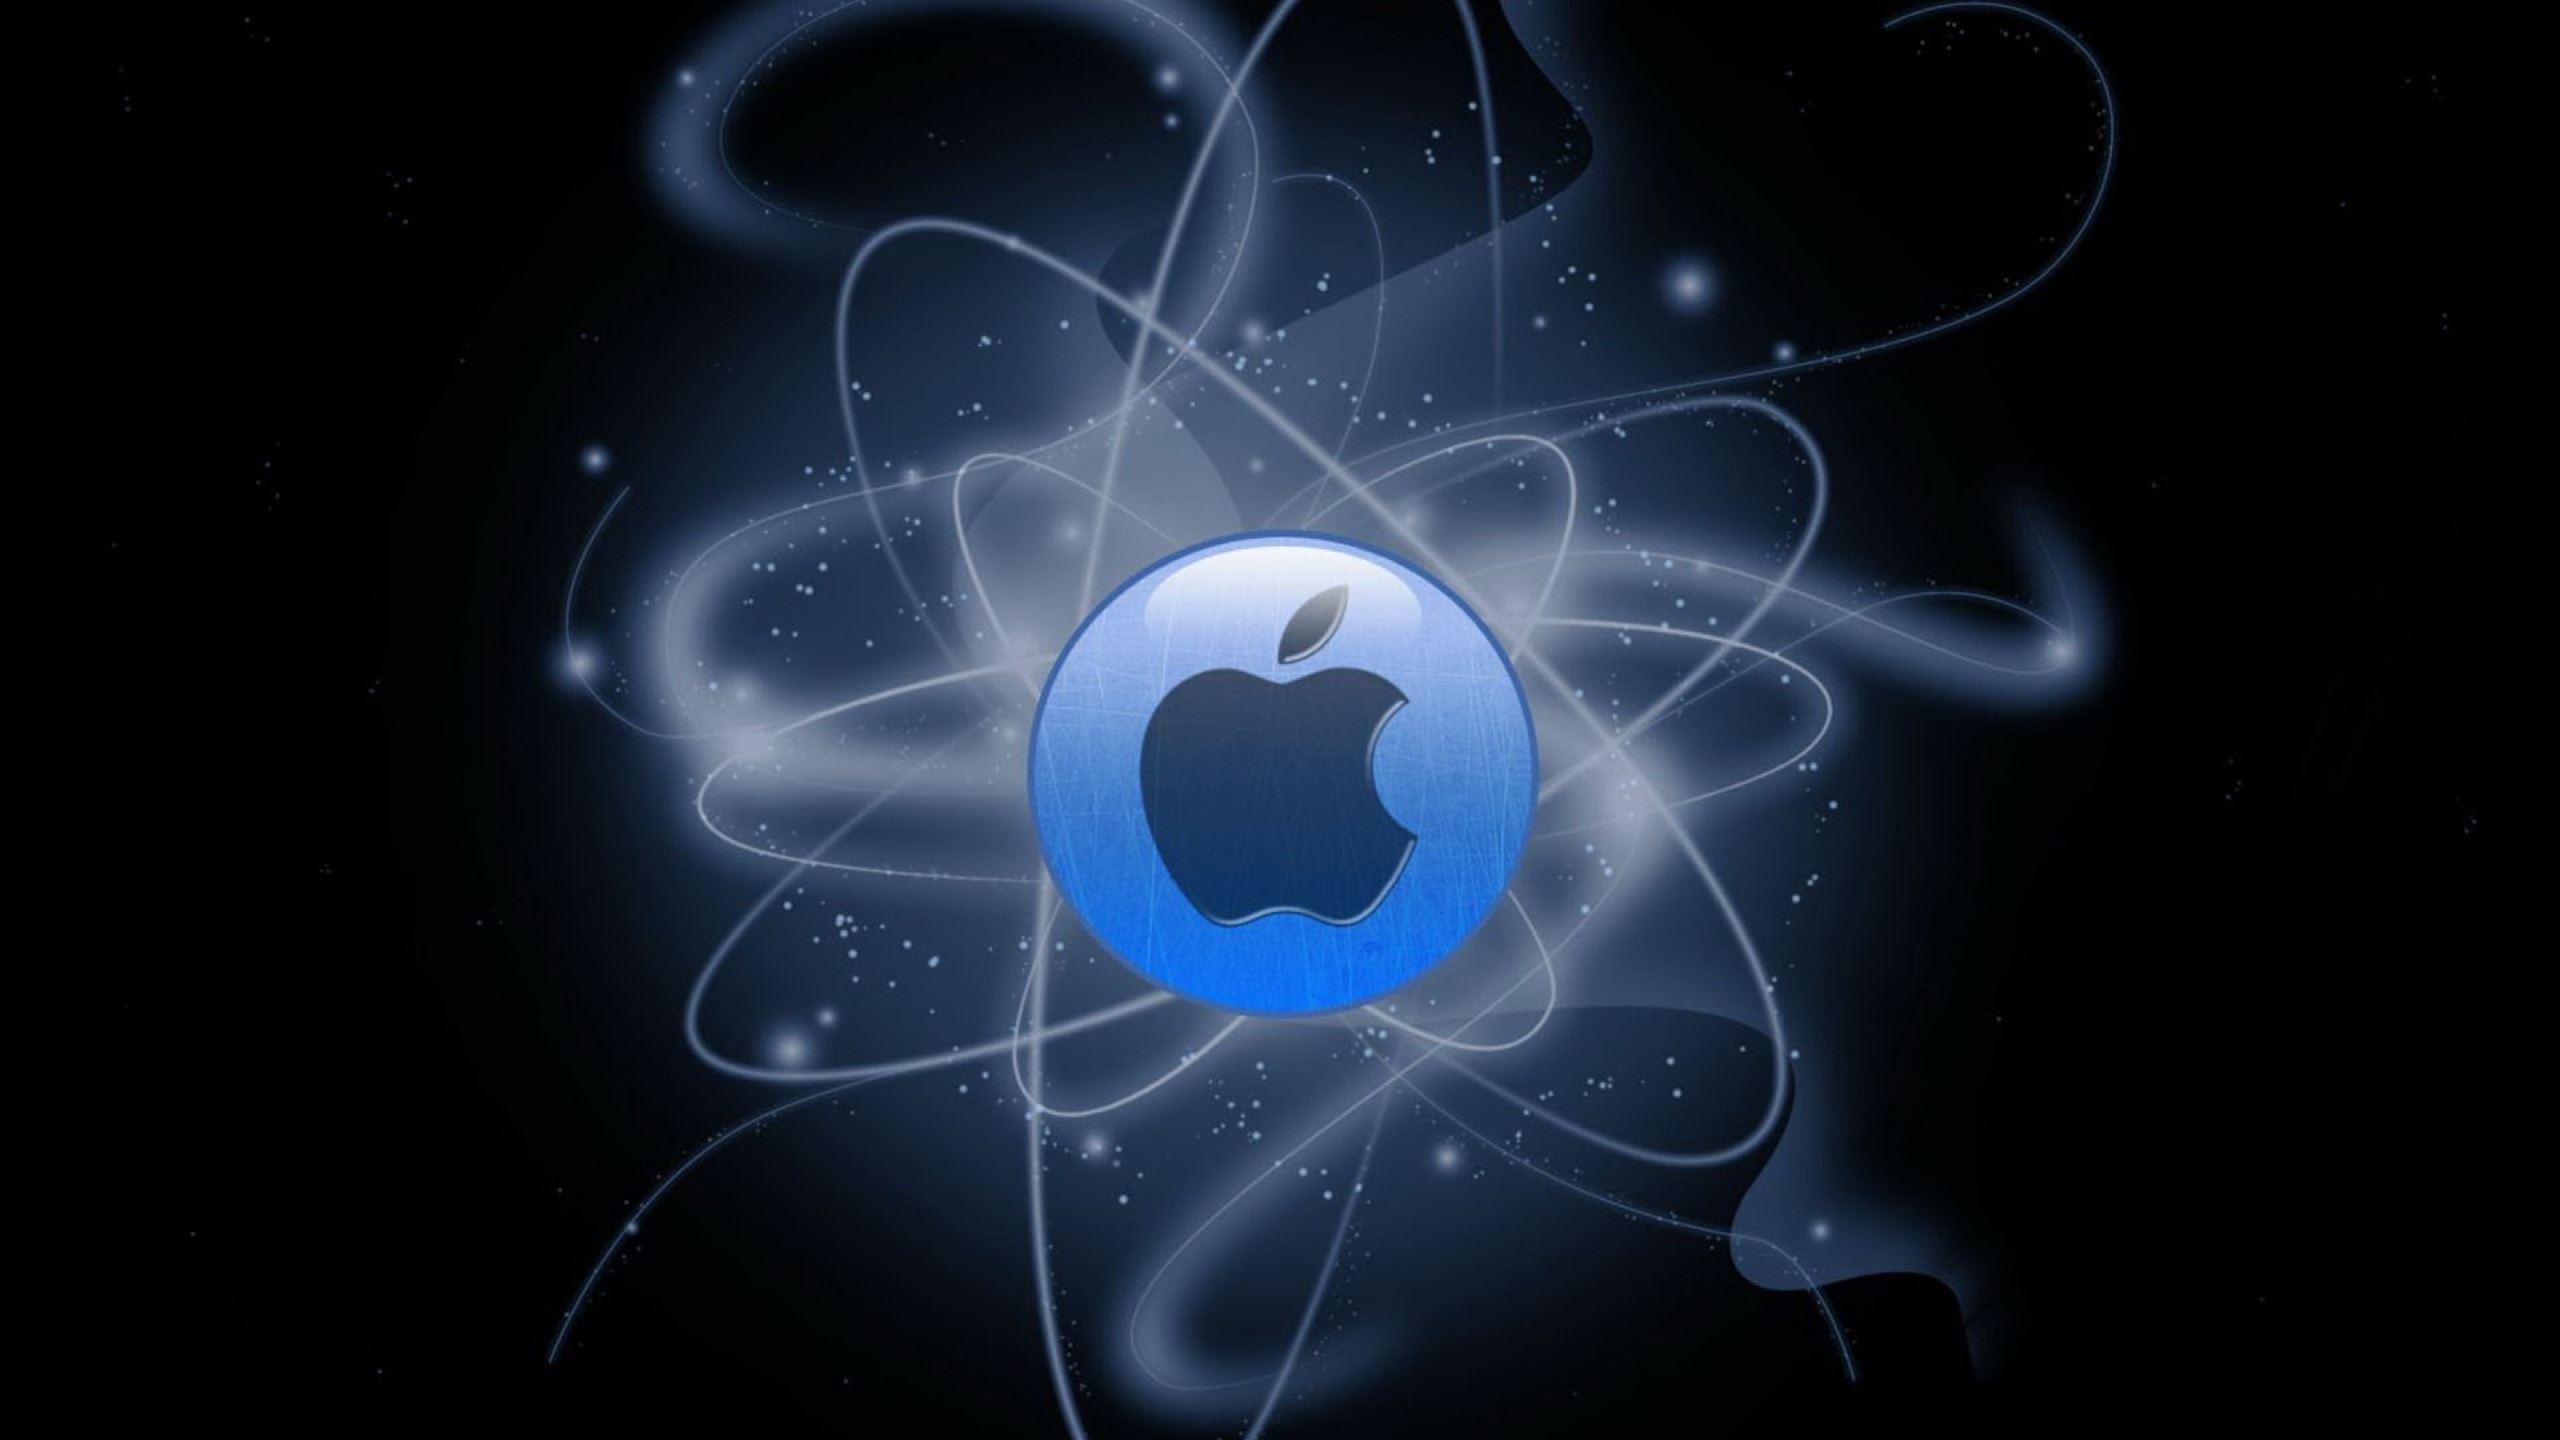 Apple macbook pro sale